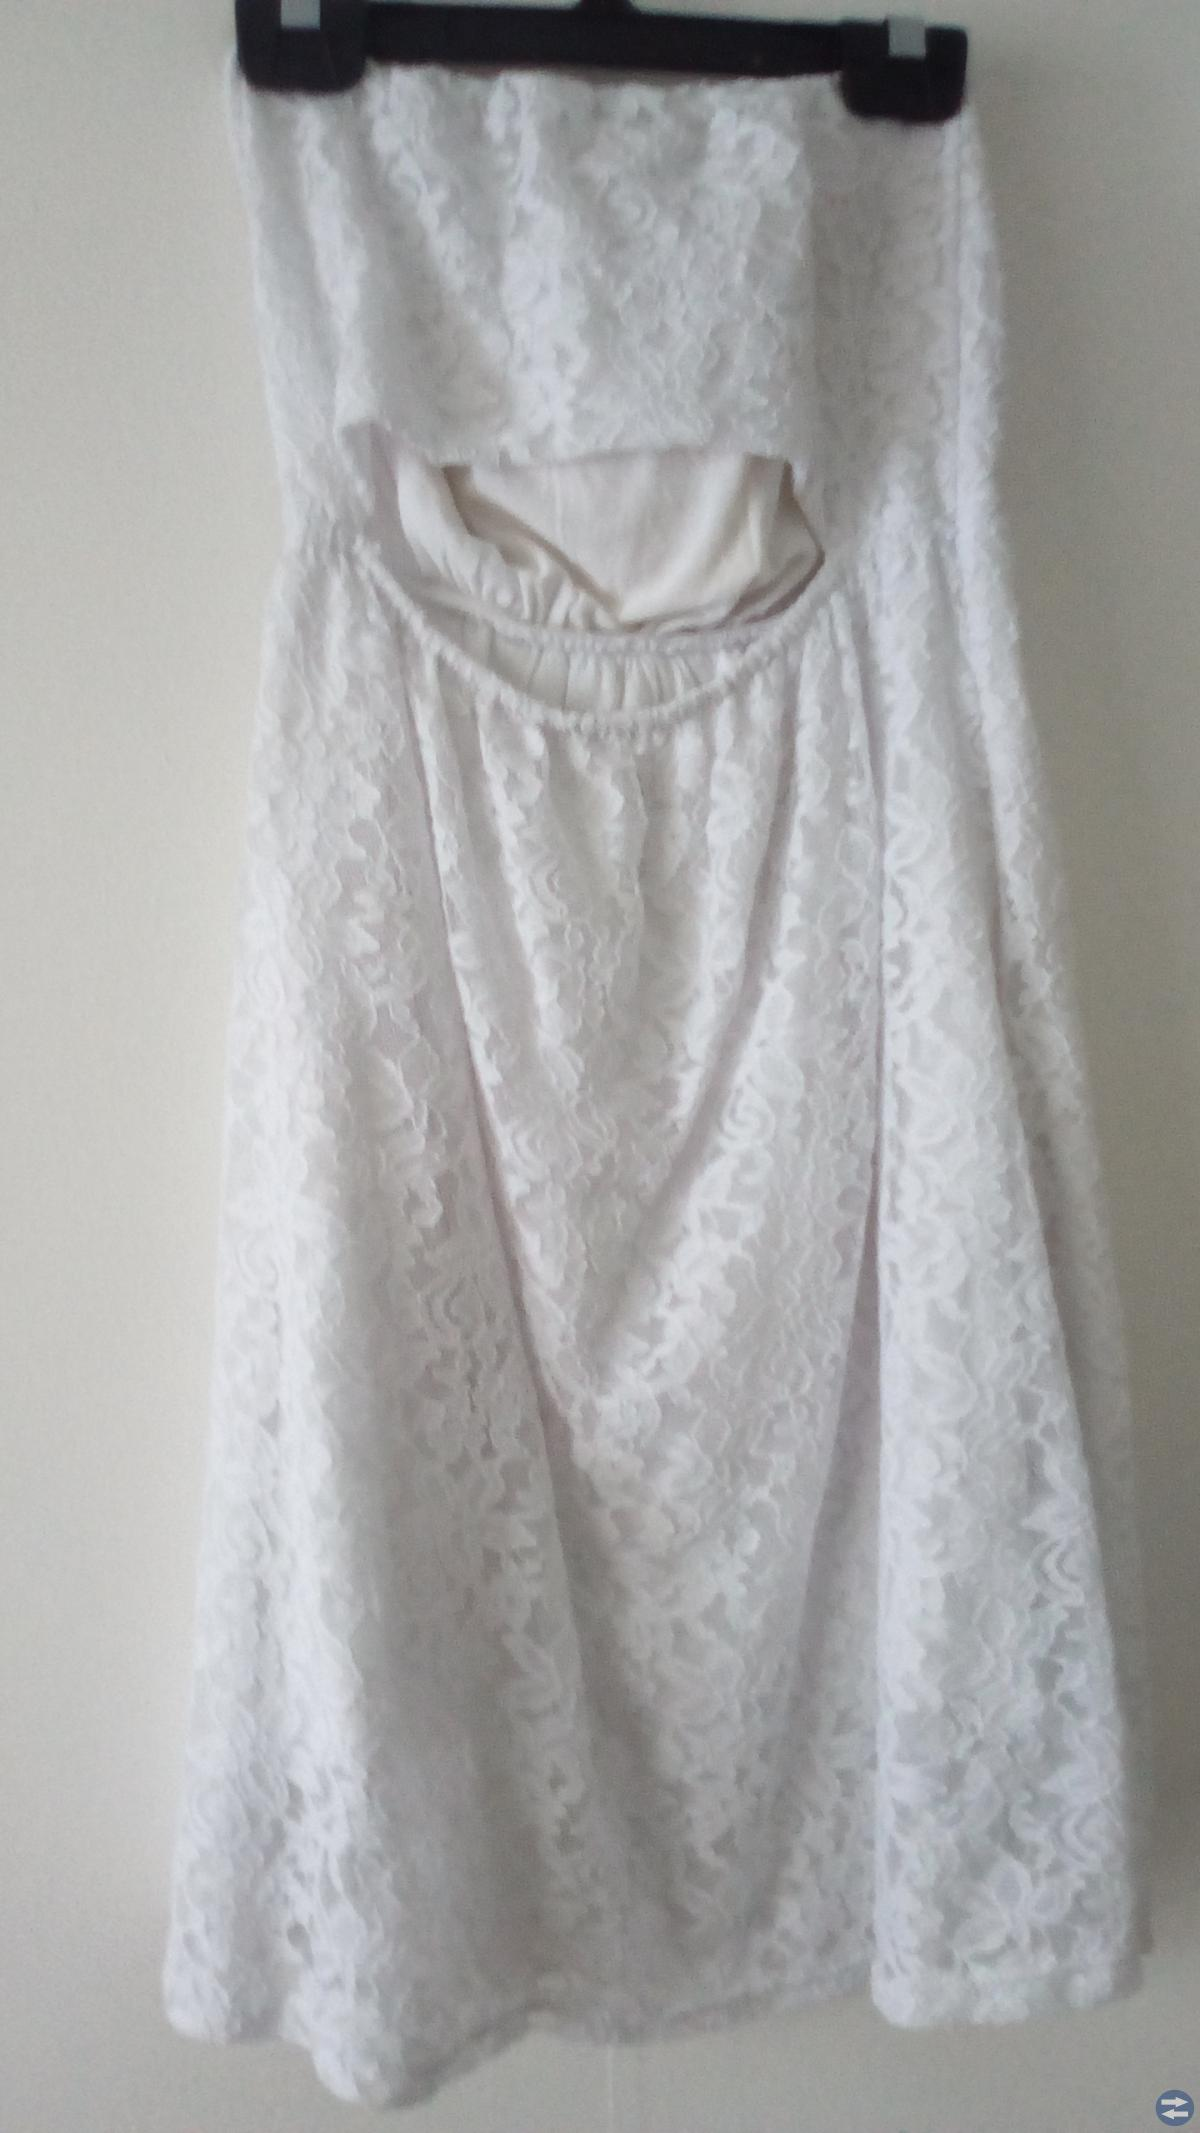 Spetsklänning, stl S